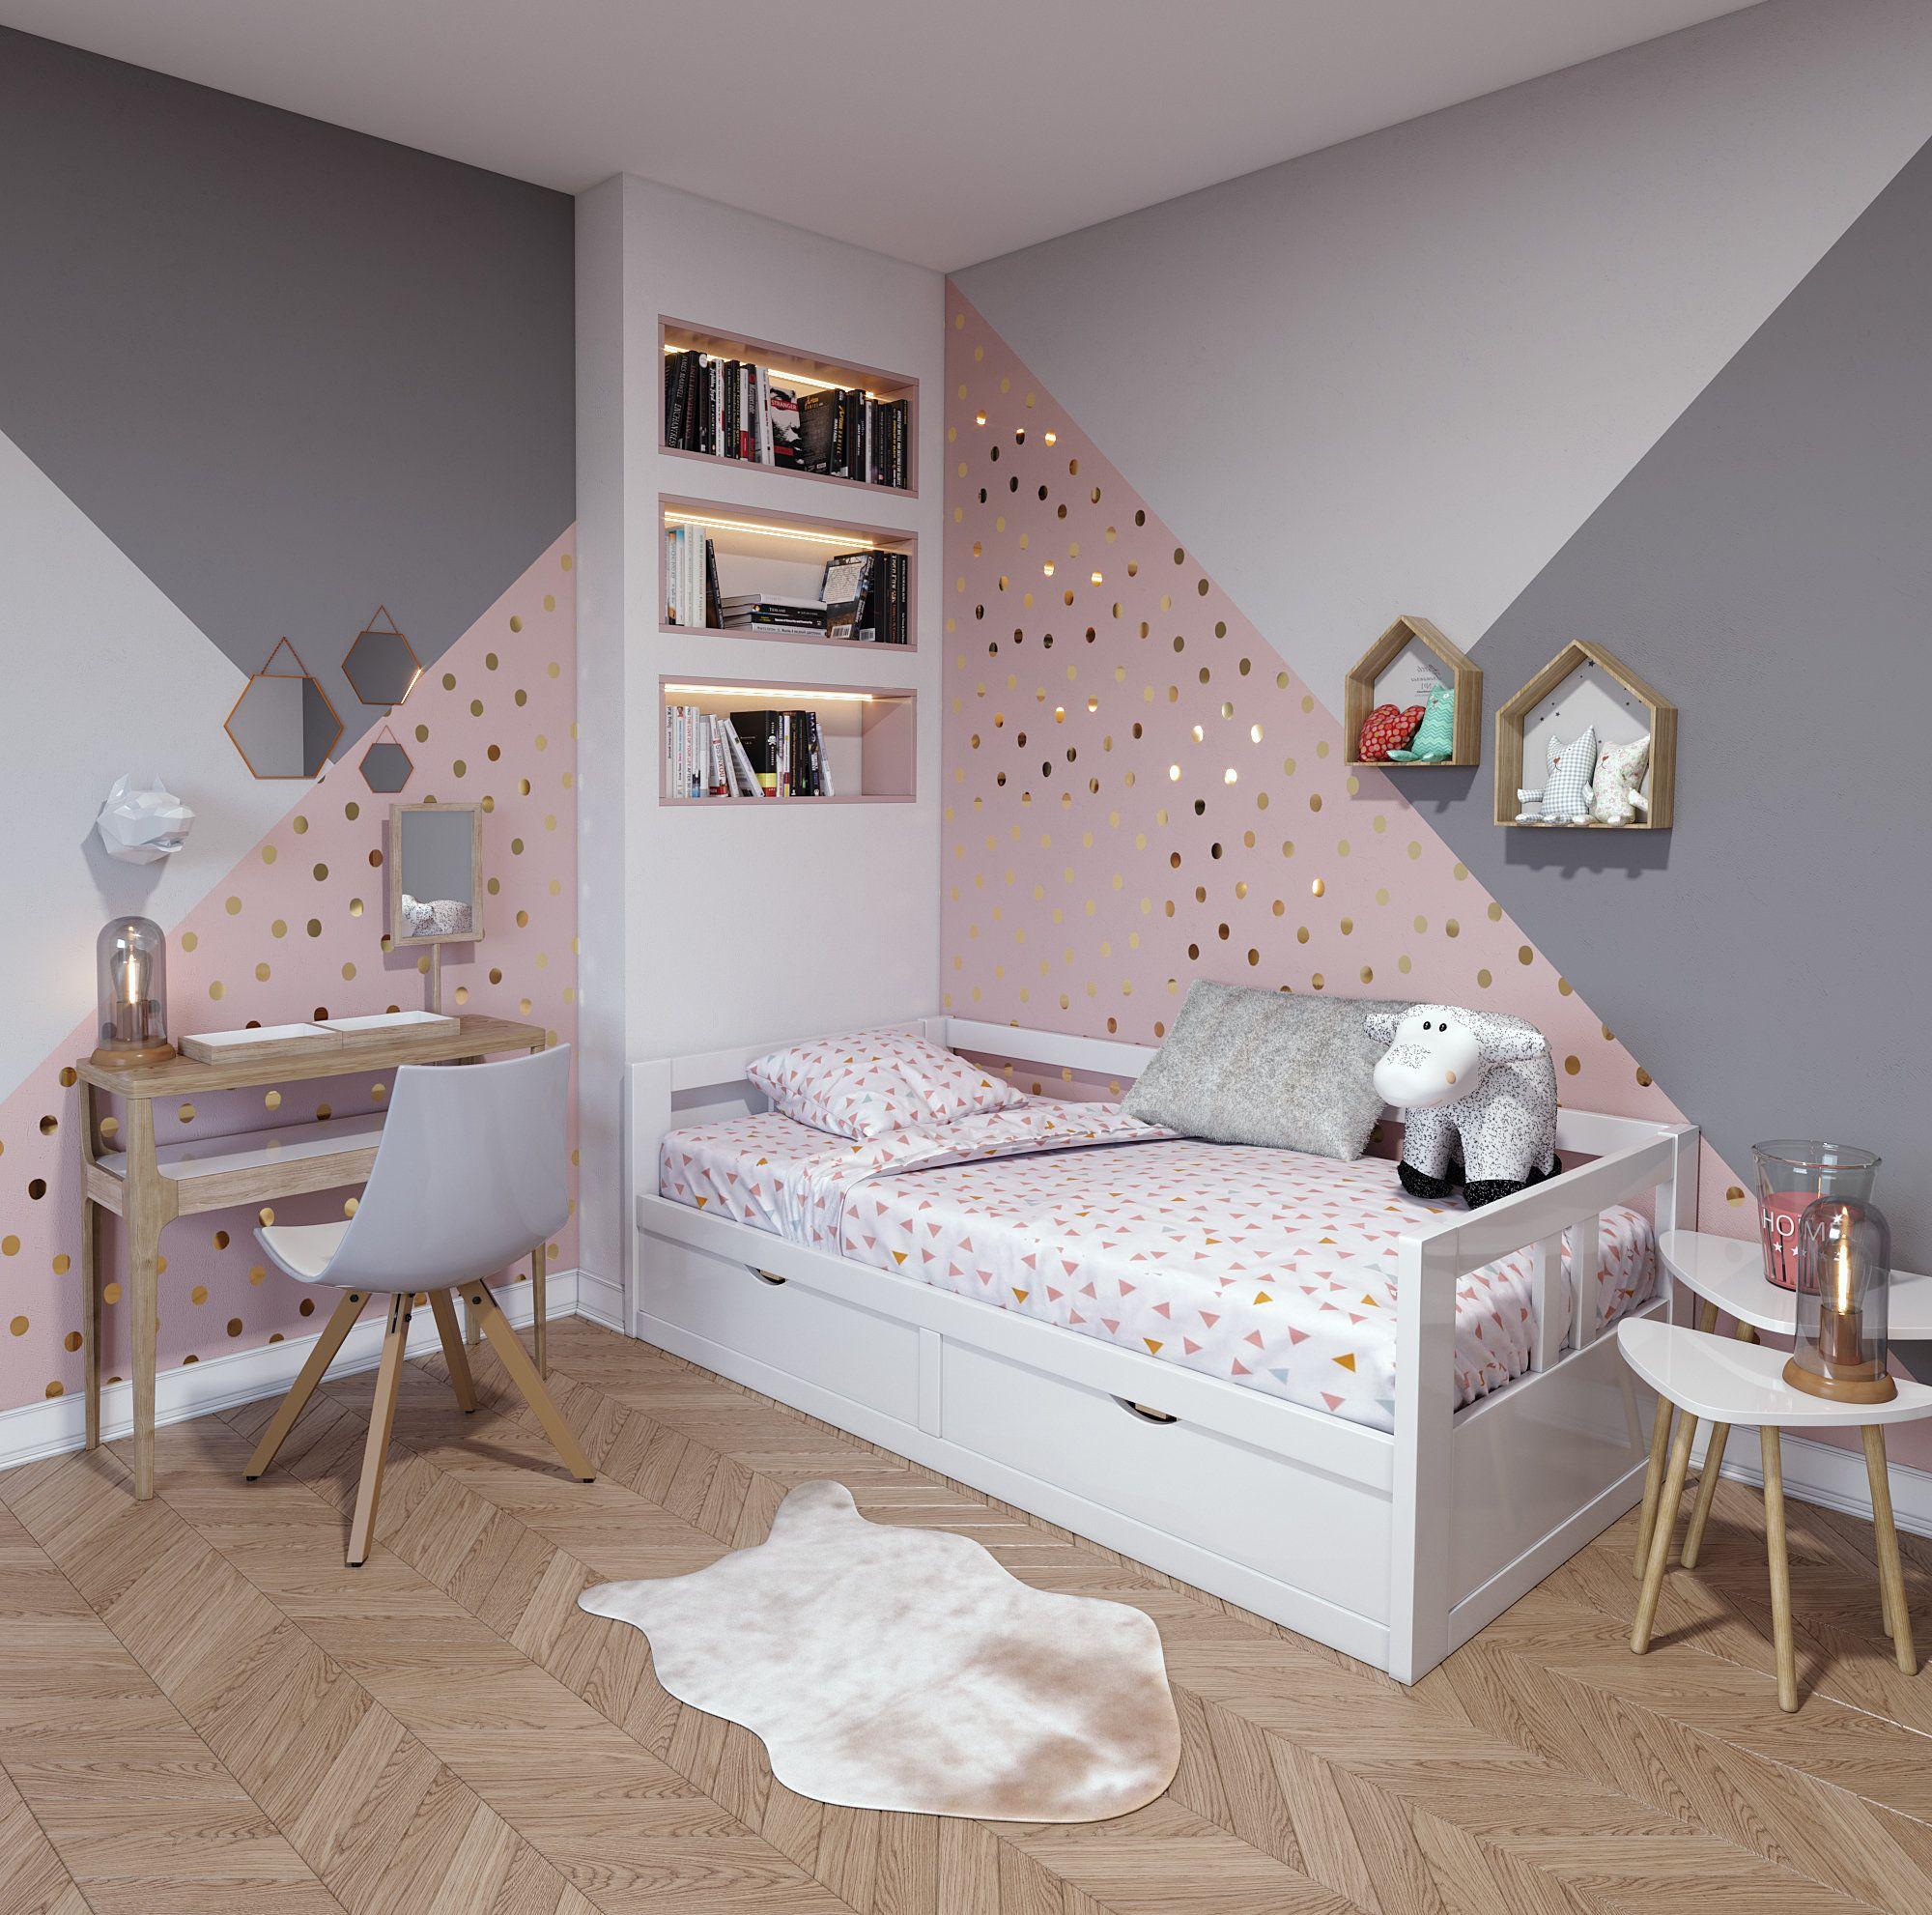 Chambre d\'enfant contemporaine rose blanche beige bois ...